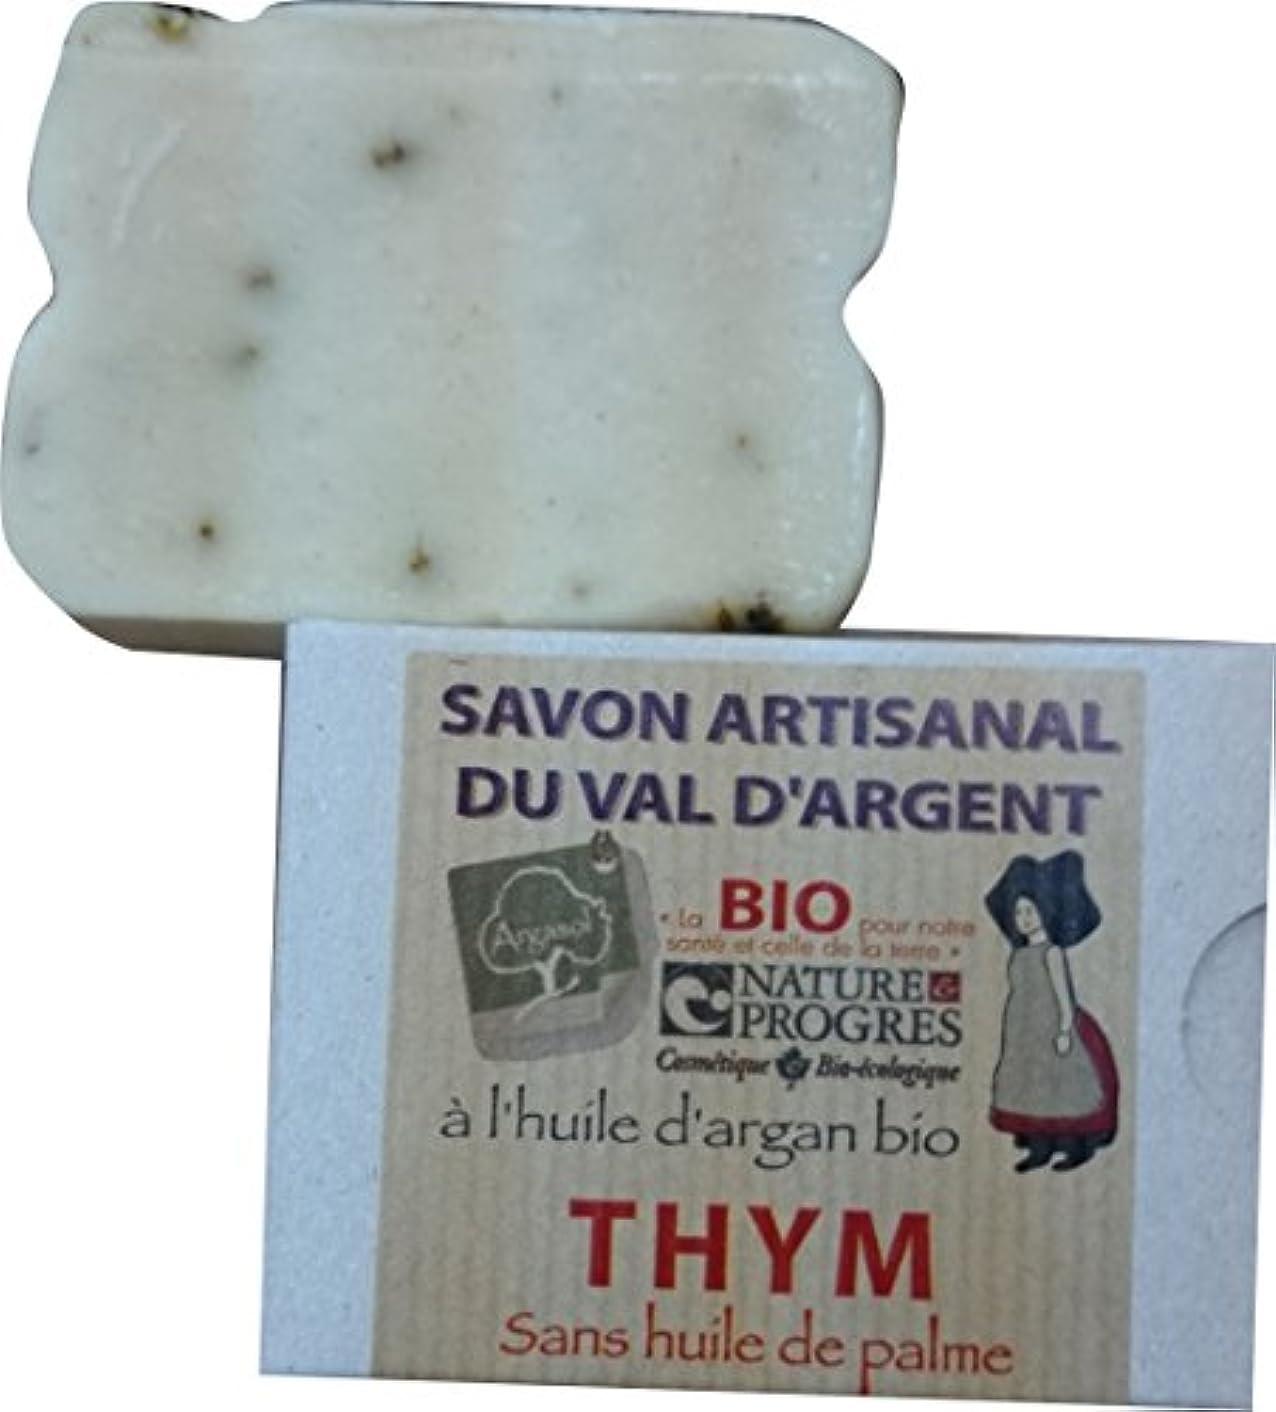 スイス人妥協ストラトフォードオンエイボンサボン アルガソル(SAVON ARGASOL) タイム